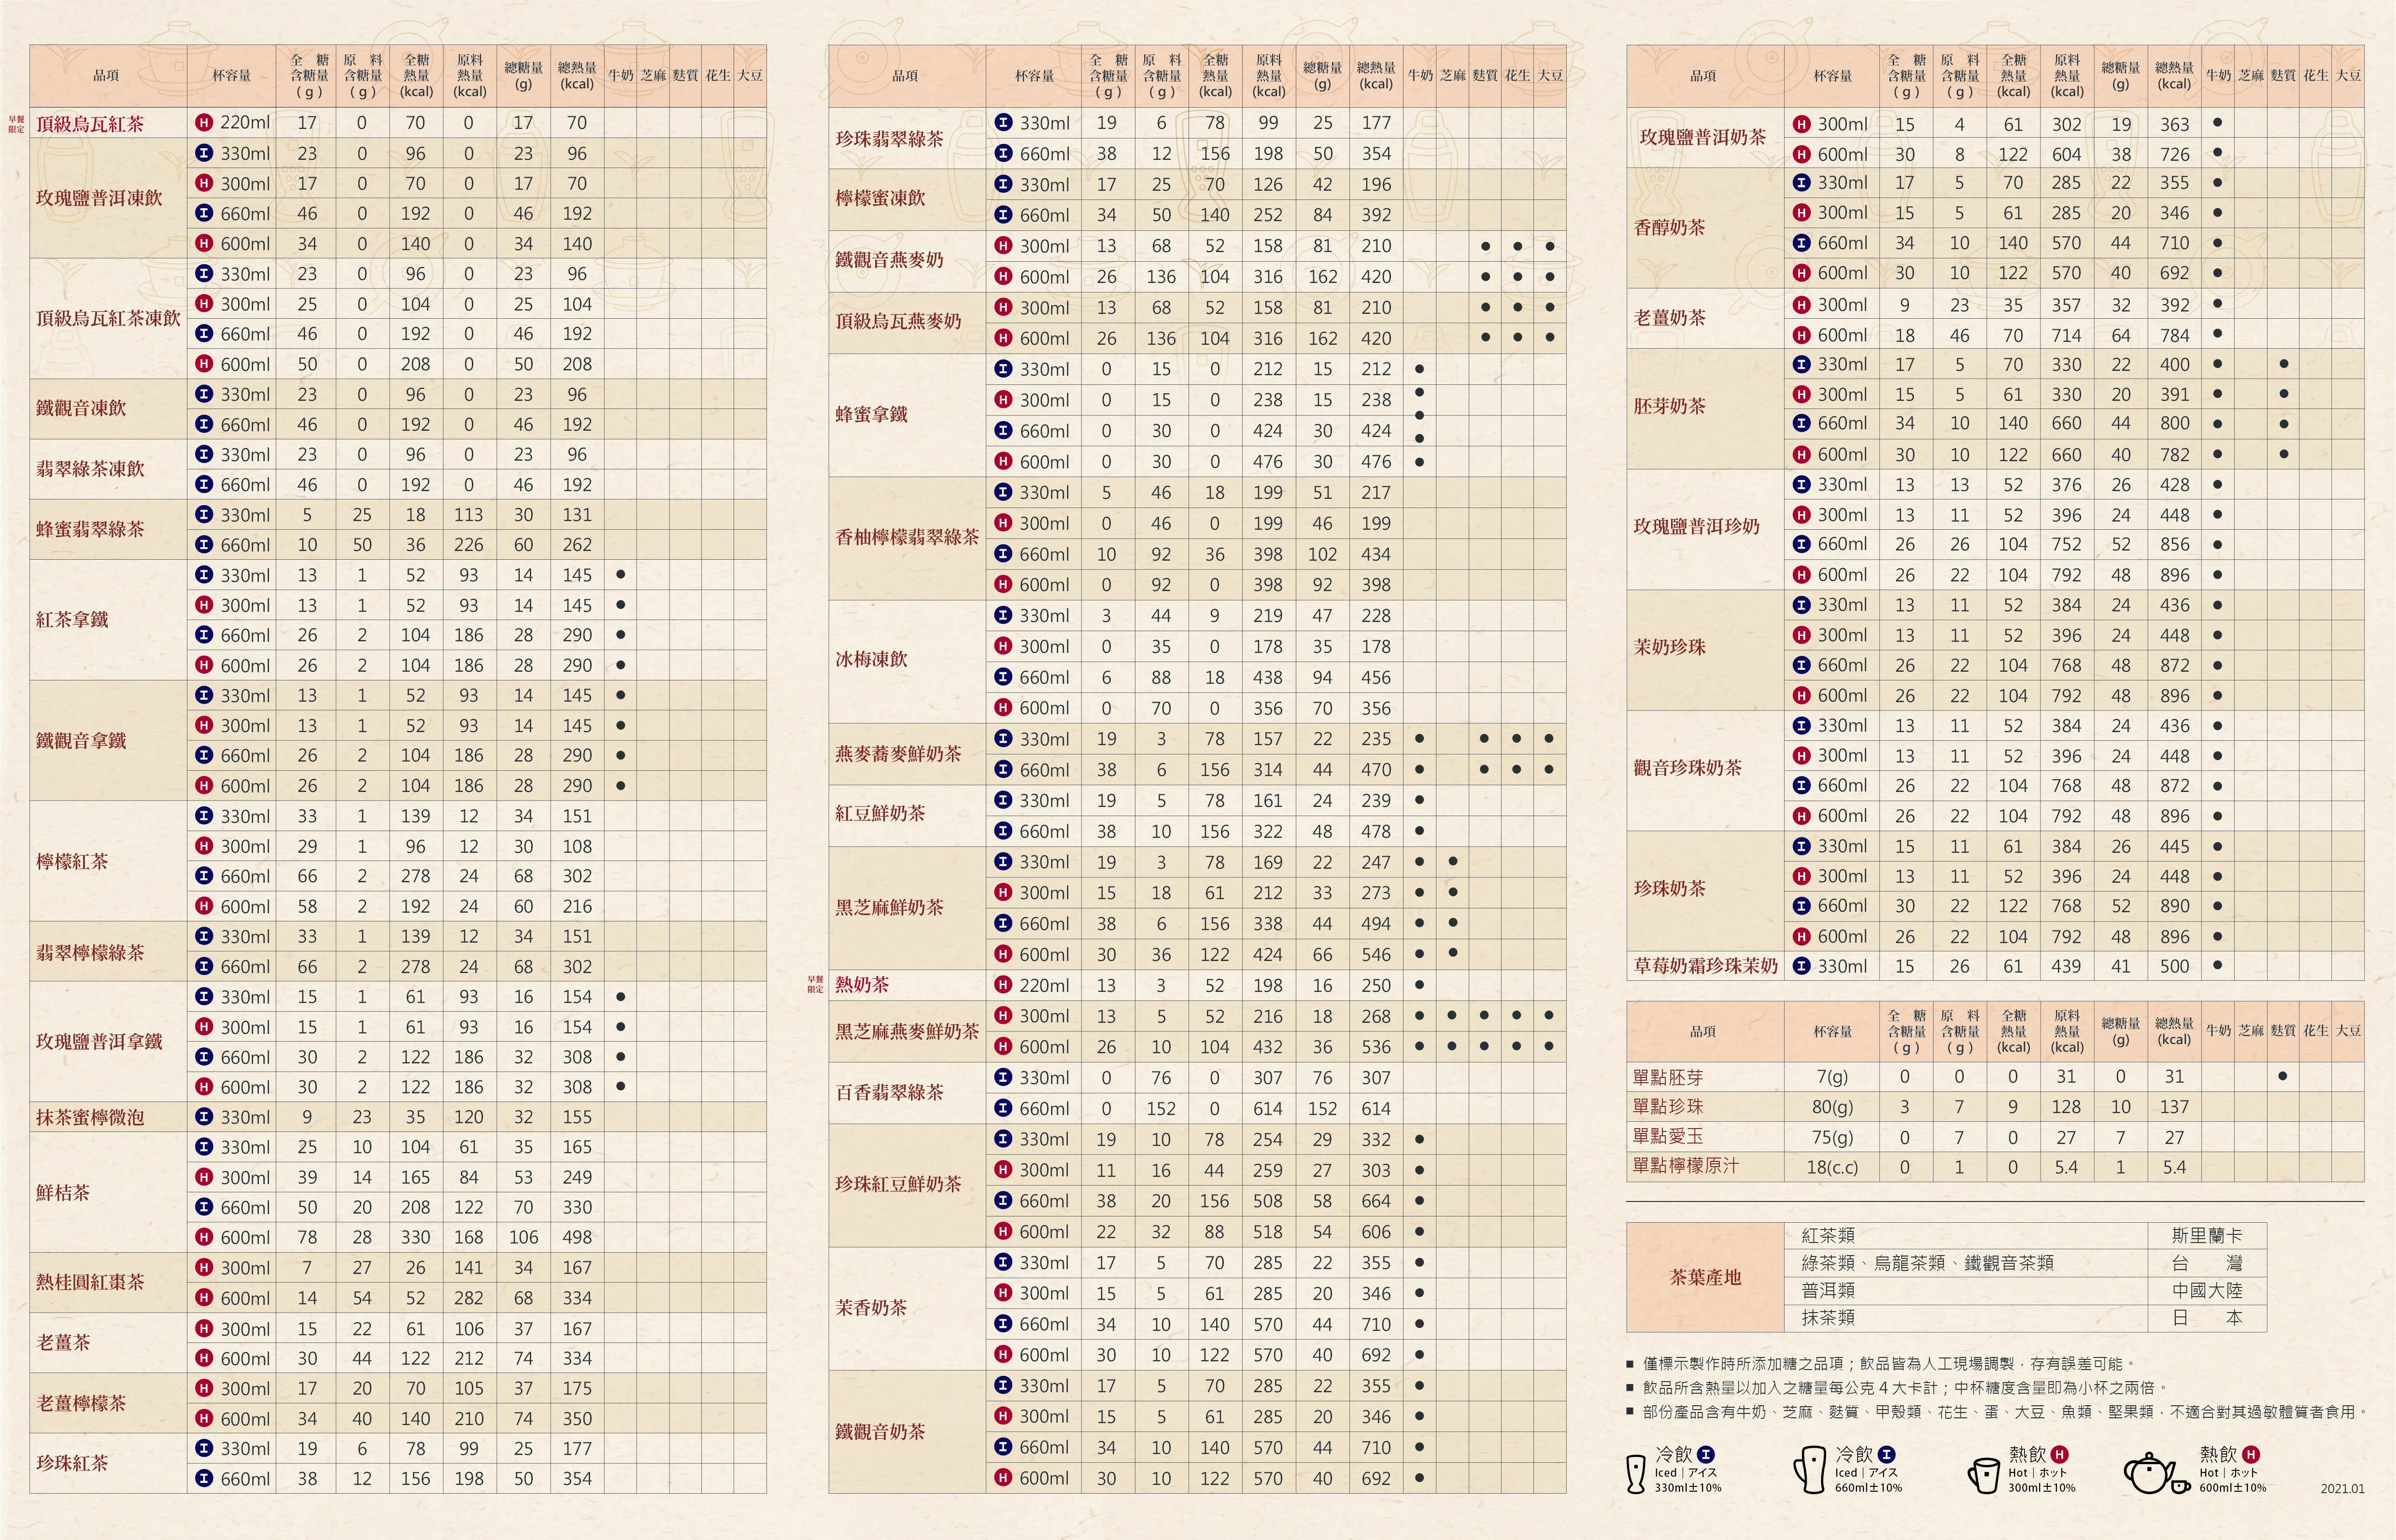 糖度熱量標示_202012-02